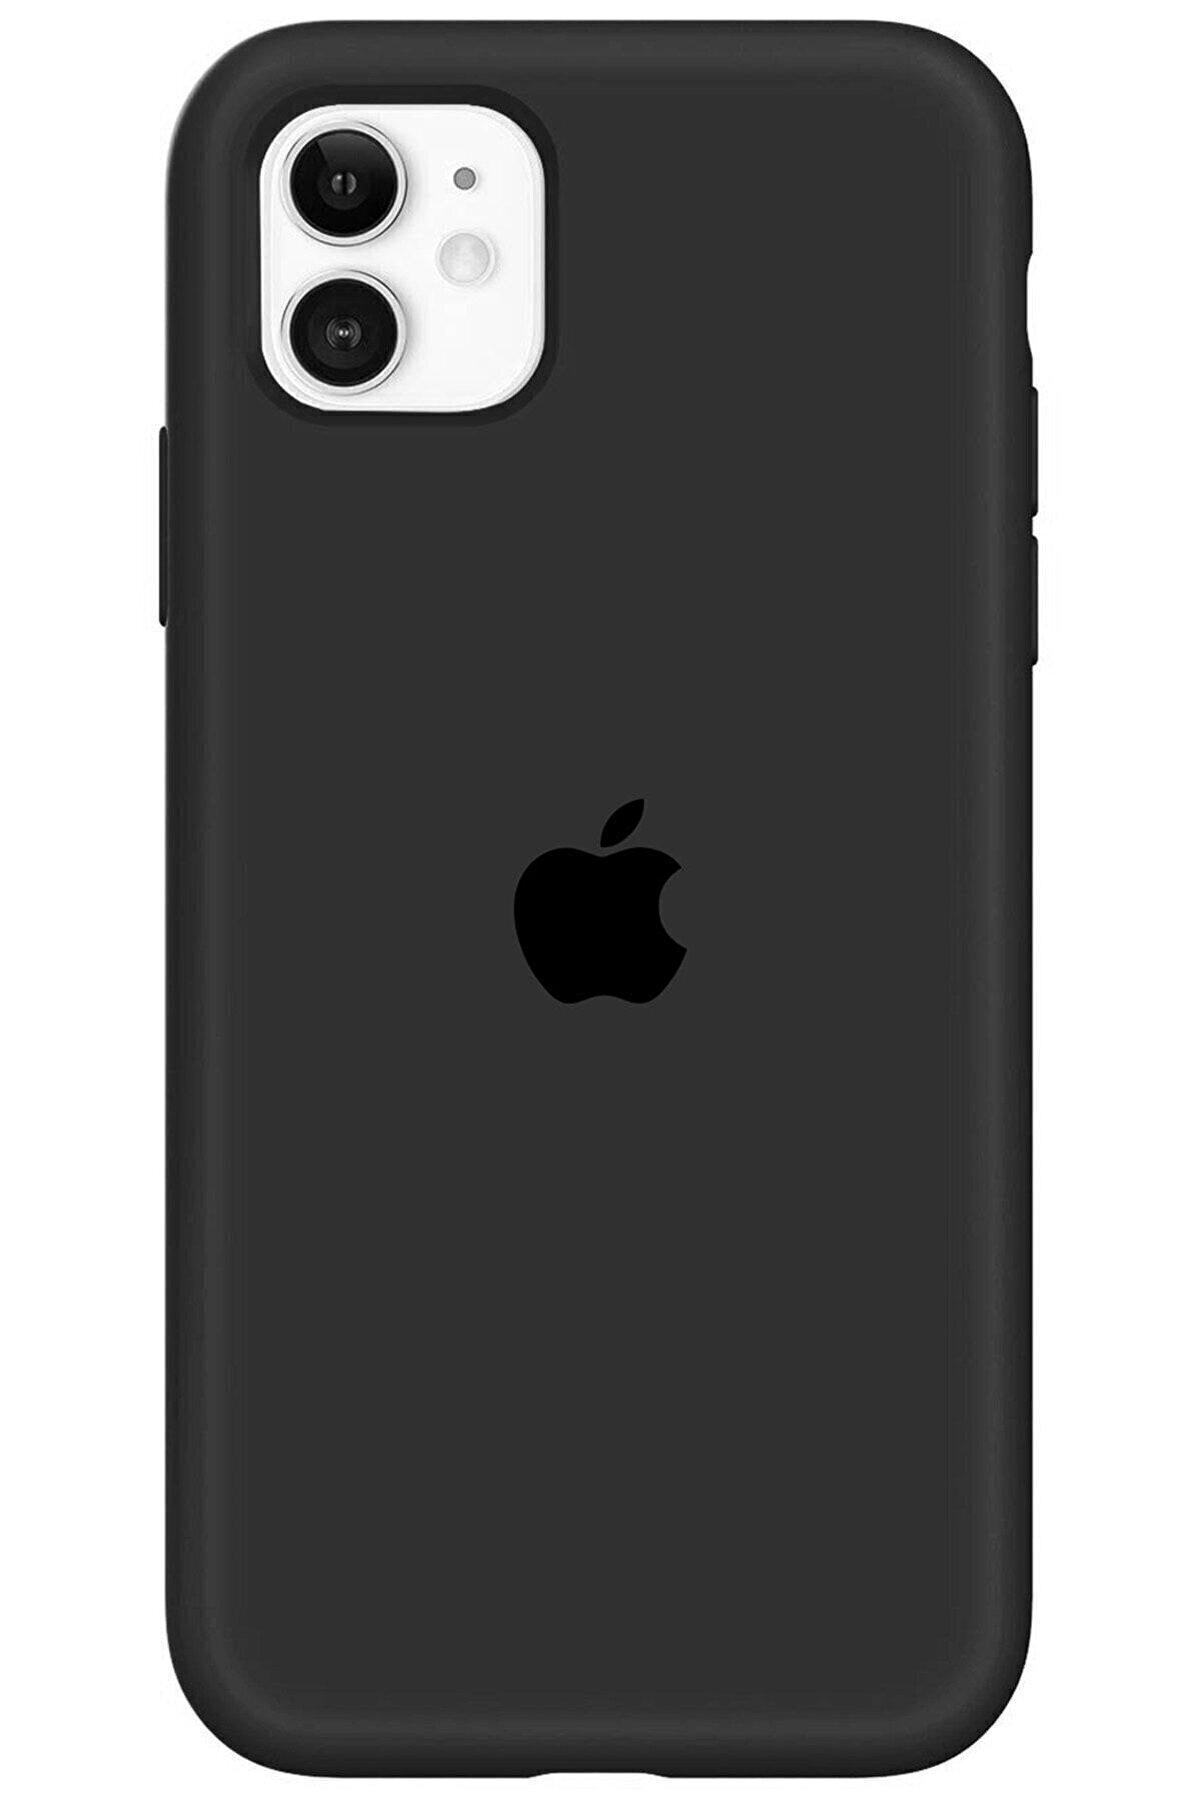 KVK PRİVACY Iphone 11 Lansman Siyah Kılıf Altı Kapalı Iç Kısmı Kadife